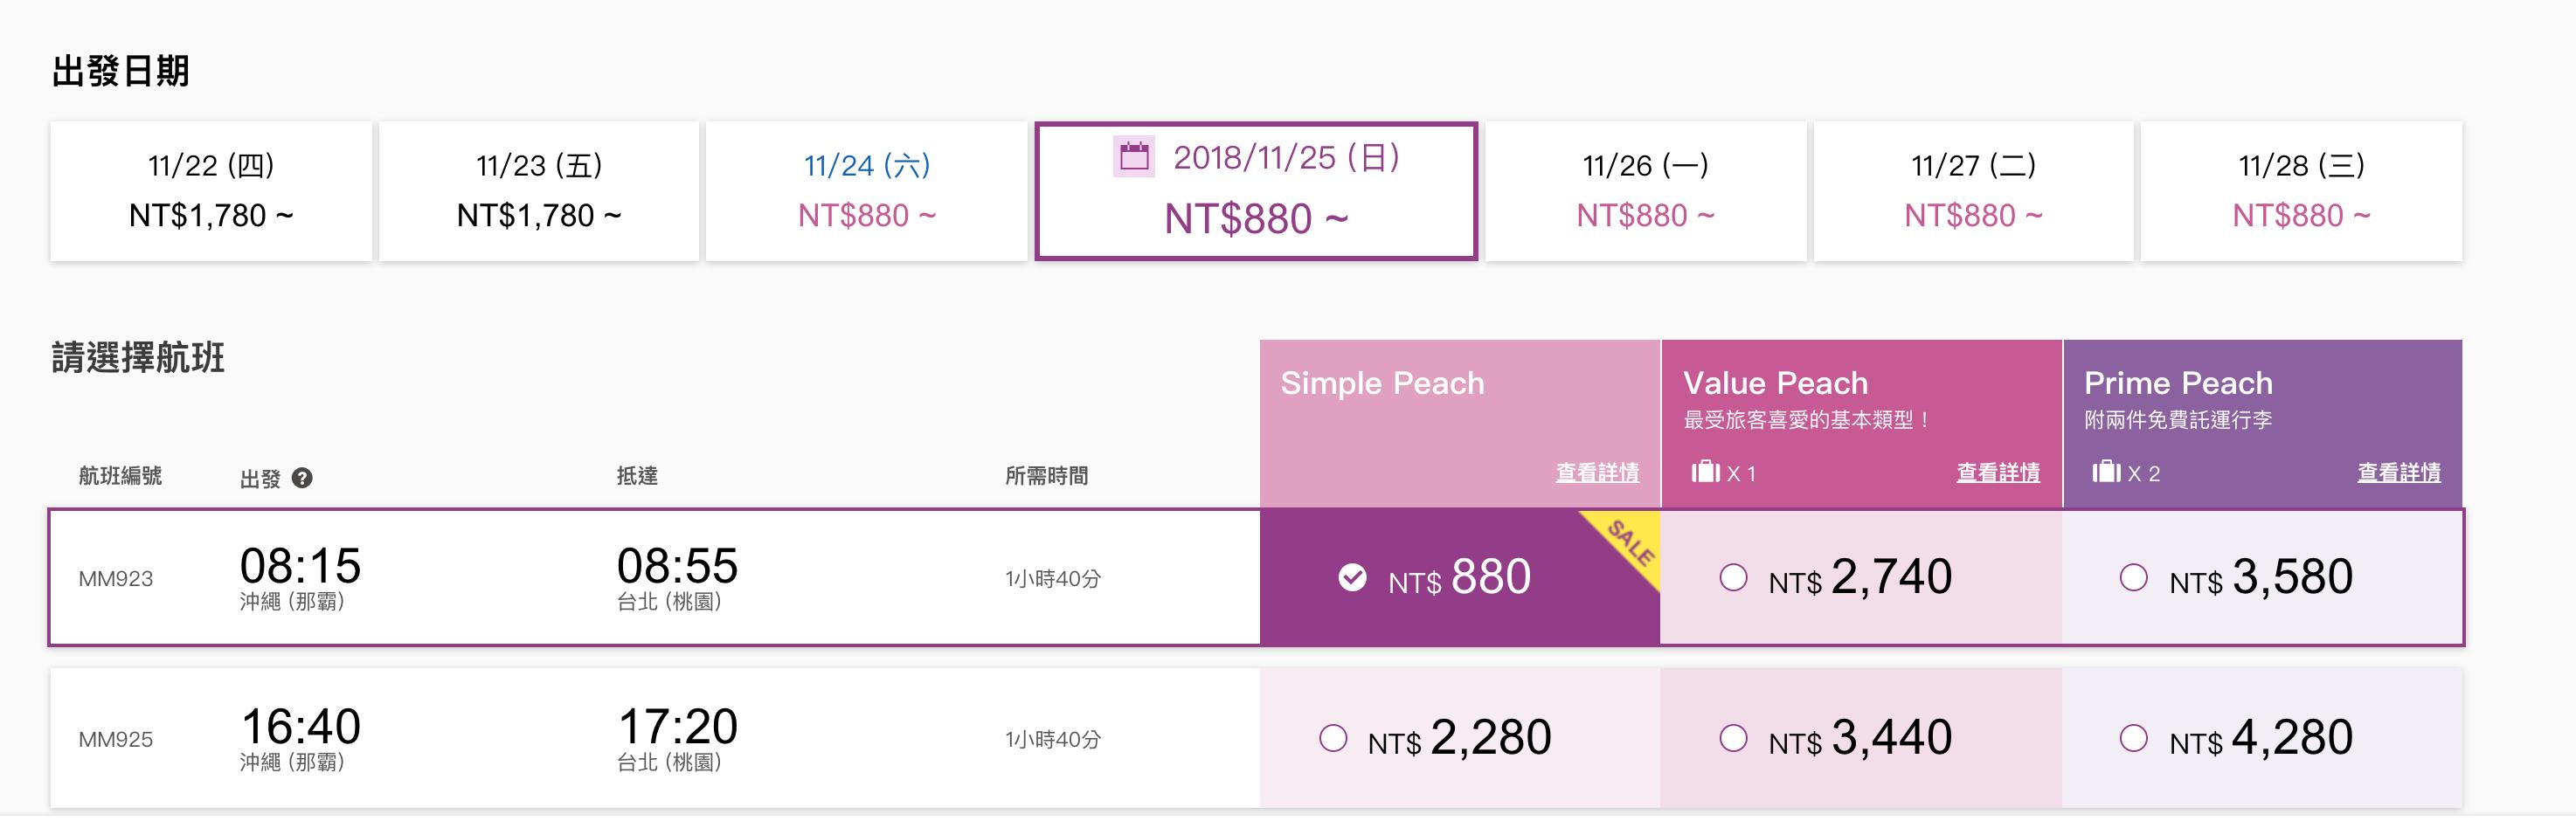 樂桃萬聖節880促銷,全航線都特價喔!過年還可以、關西賞櫻只要5K、還有最低3K不到的來回機票(查票:107.10.27)